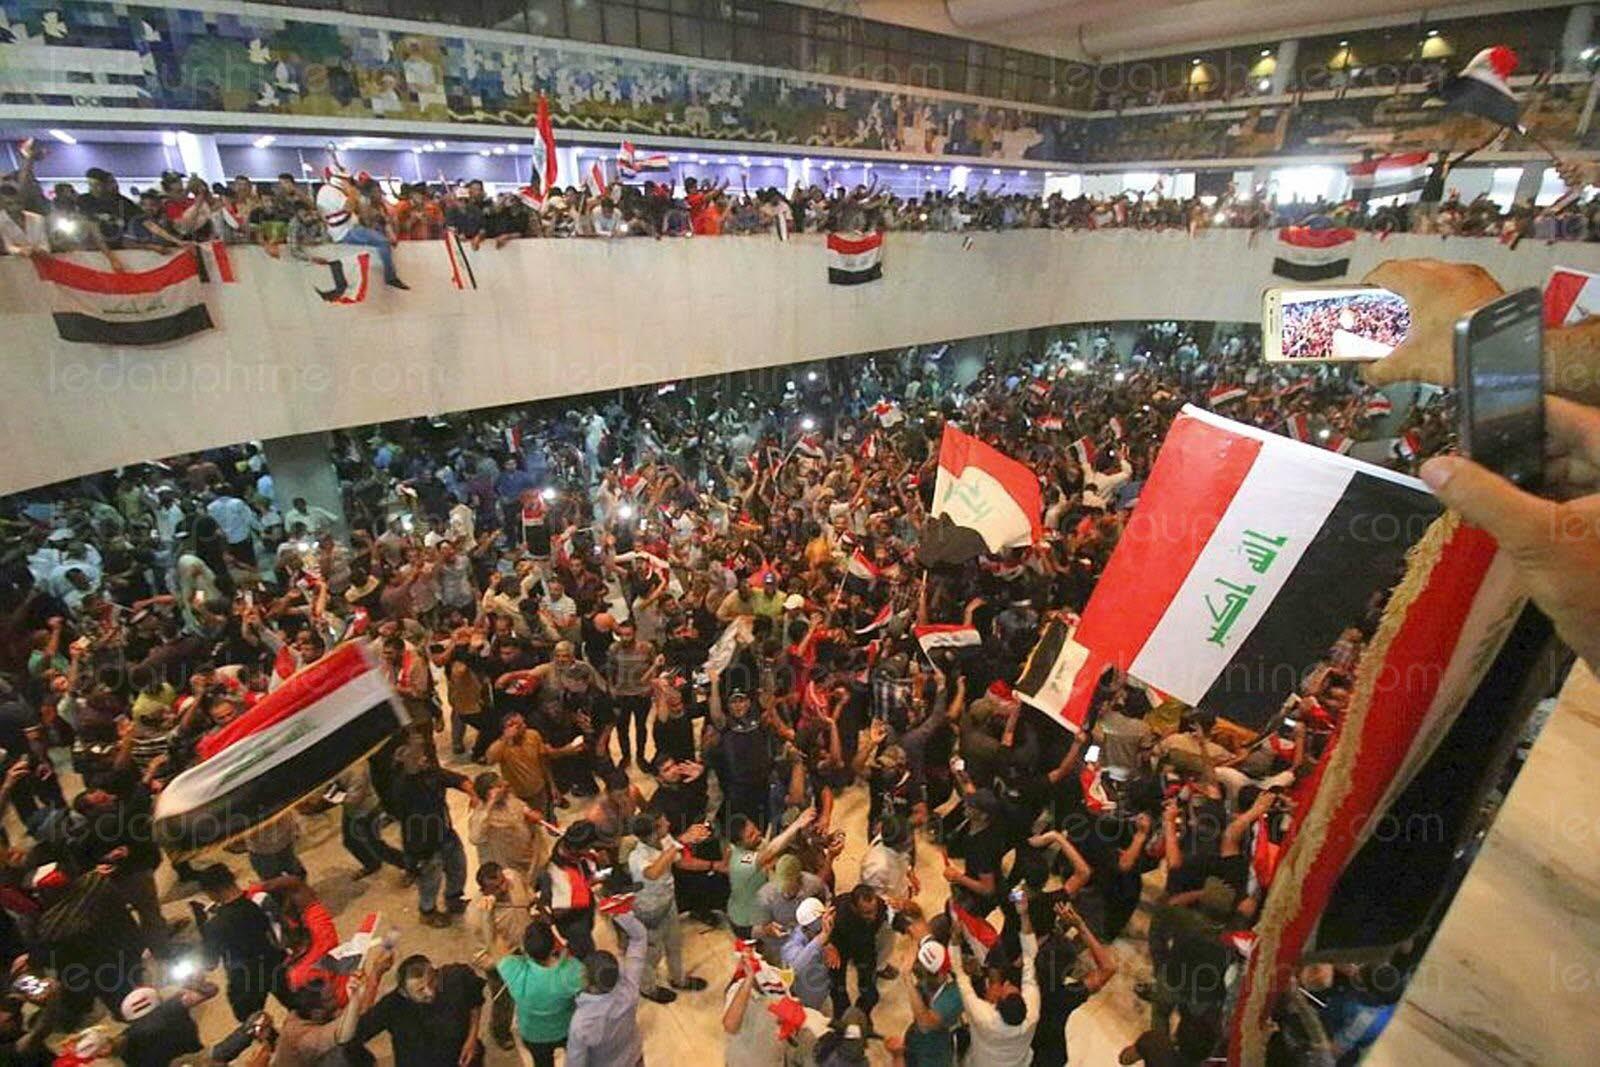 Des manifestants envahissent le  Parlement à Bagdad, la crise s'amplifie